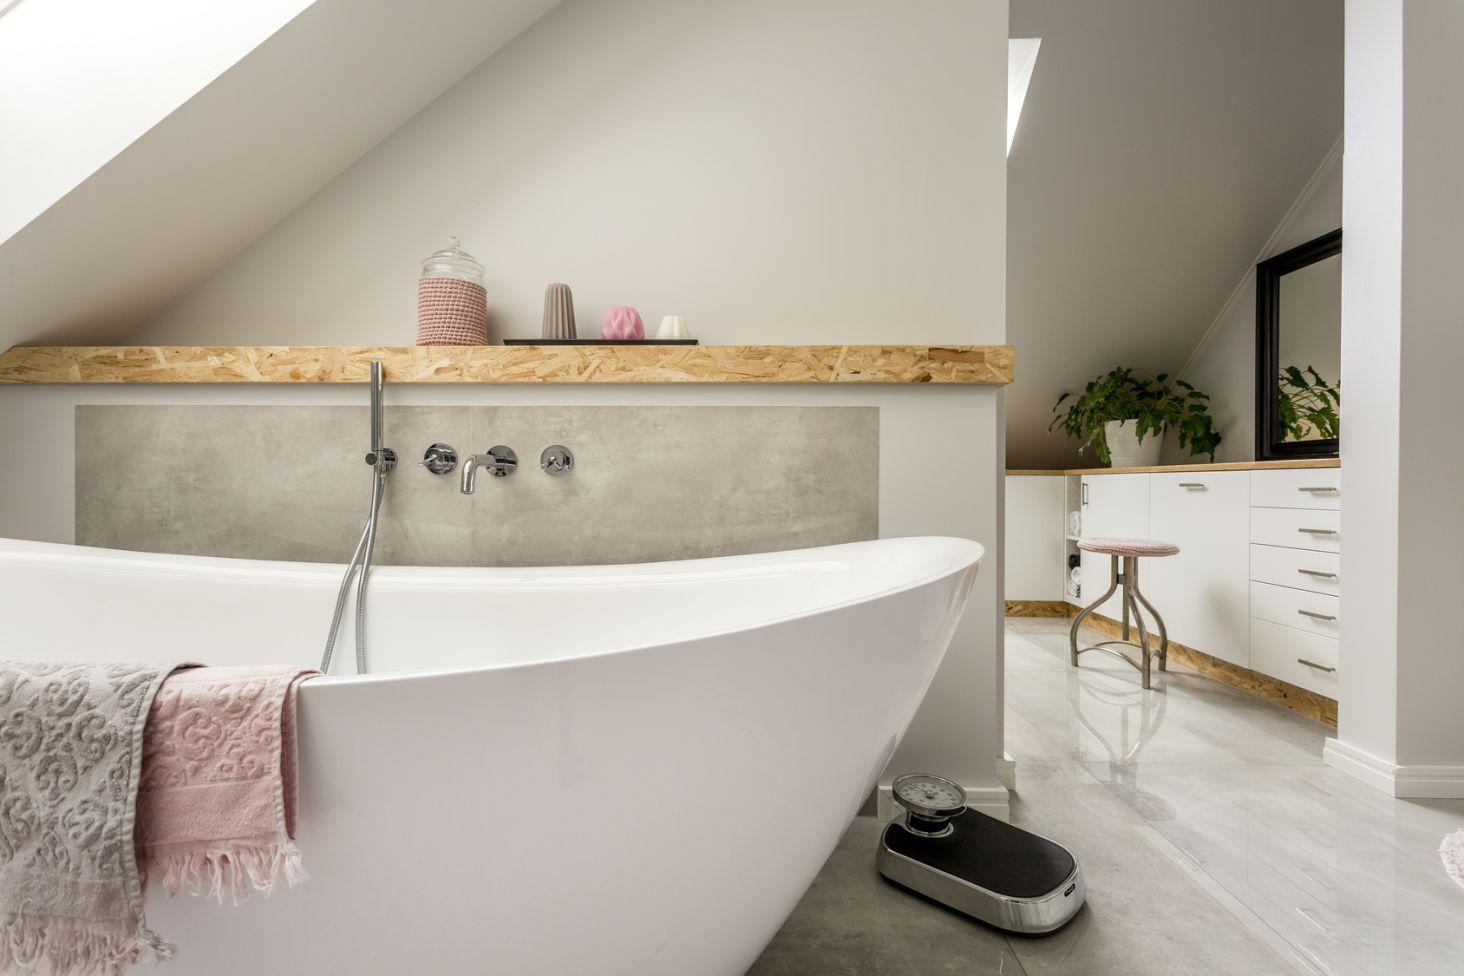 5 Prostych Sposobów Na Tanią Metamorfozę łazienki Wnętrza